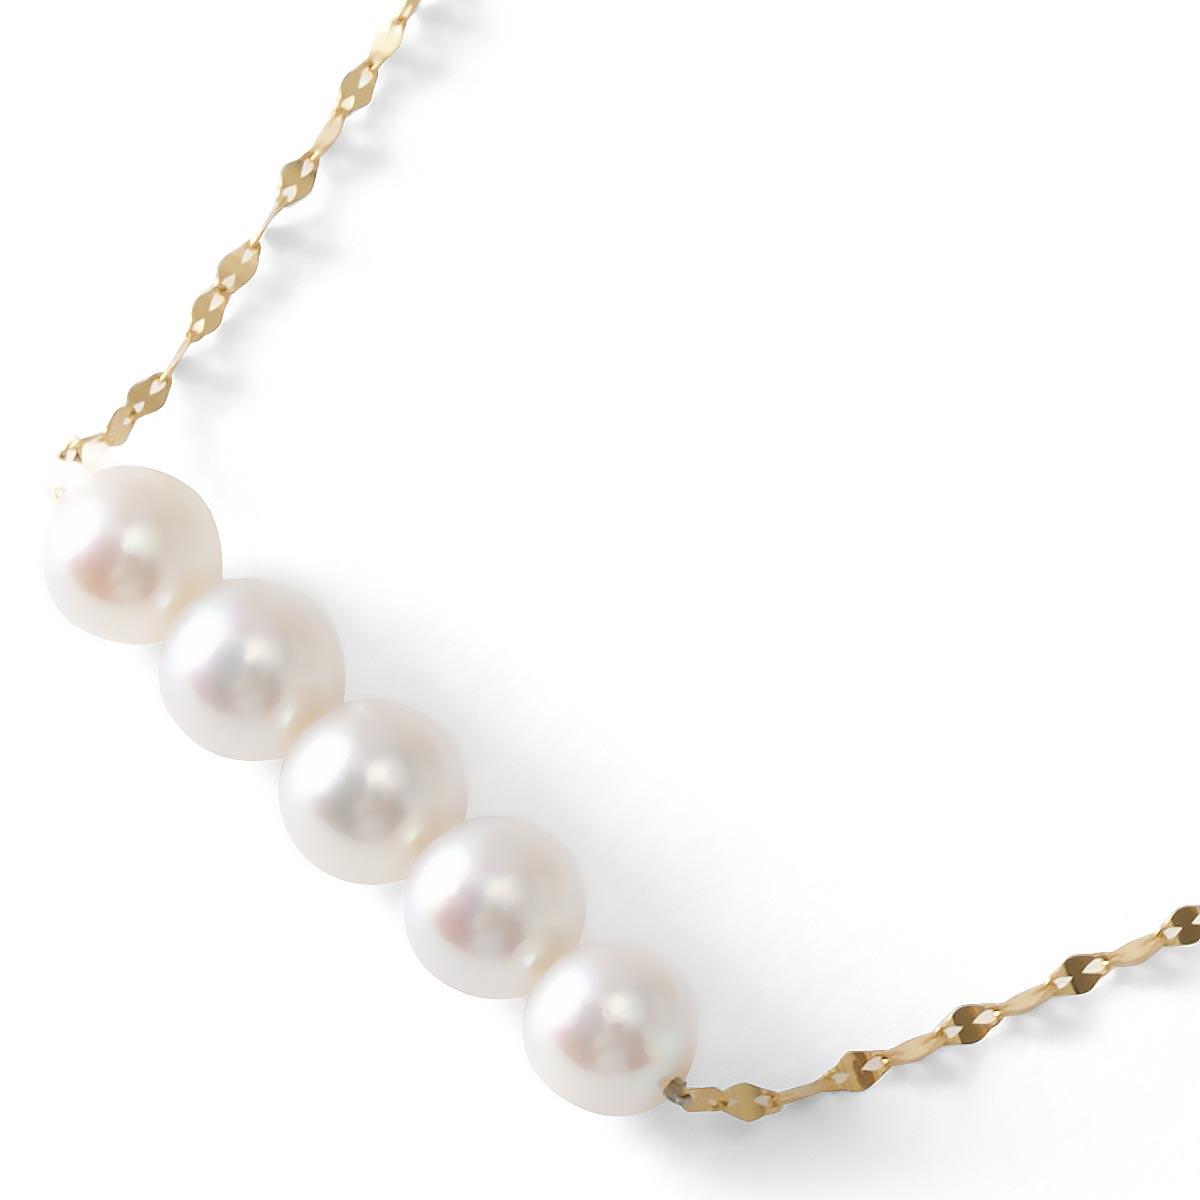 ジュエリー ネックレス アクセサリー レディース アコヤ花珠真珠 5ミリ 5粒 K18 パールホワイト&イエローゴールド DKPN6 JEWELRY